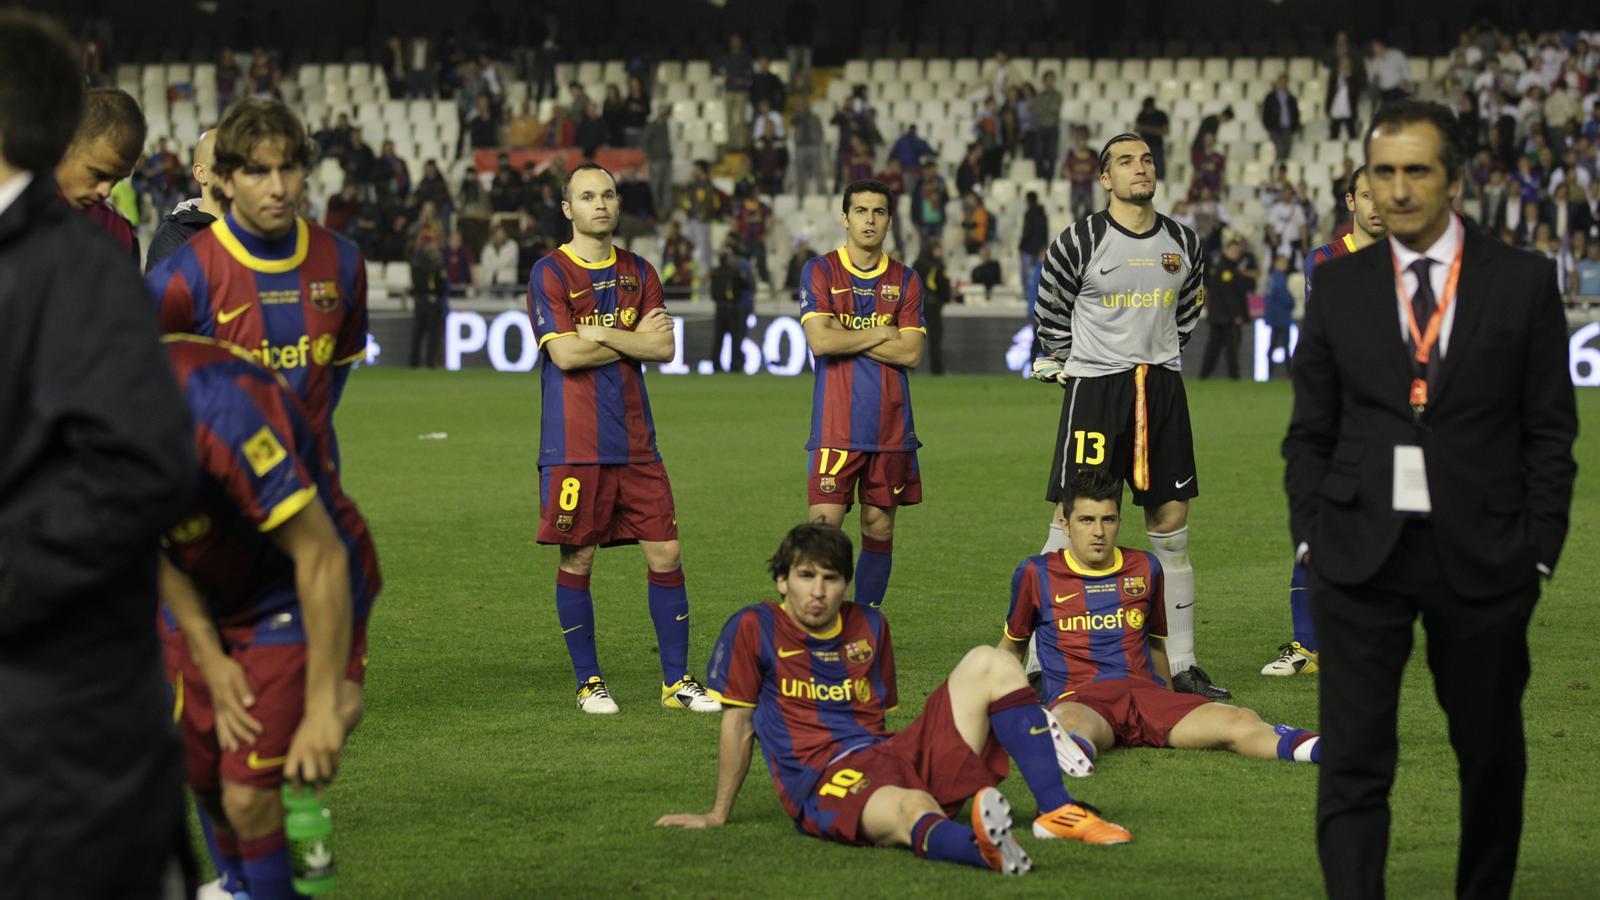 La decepció dels jugadors del Barça va ser evident, tot i que van saber perdre en tot moment.